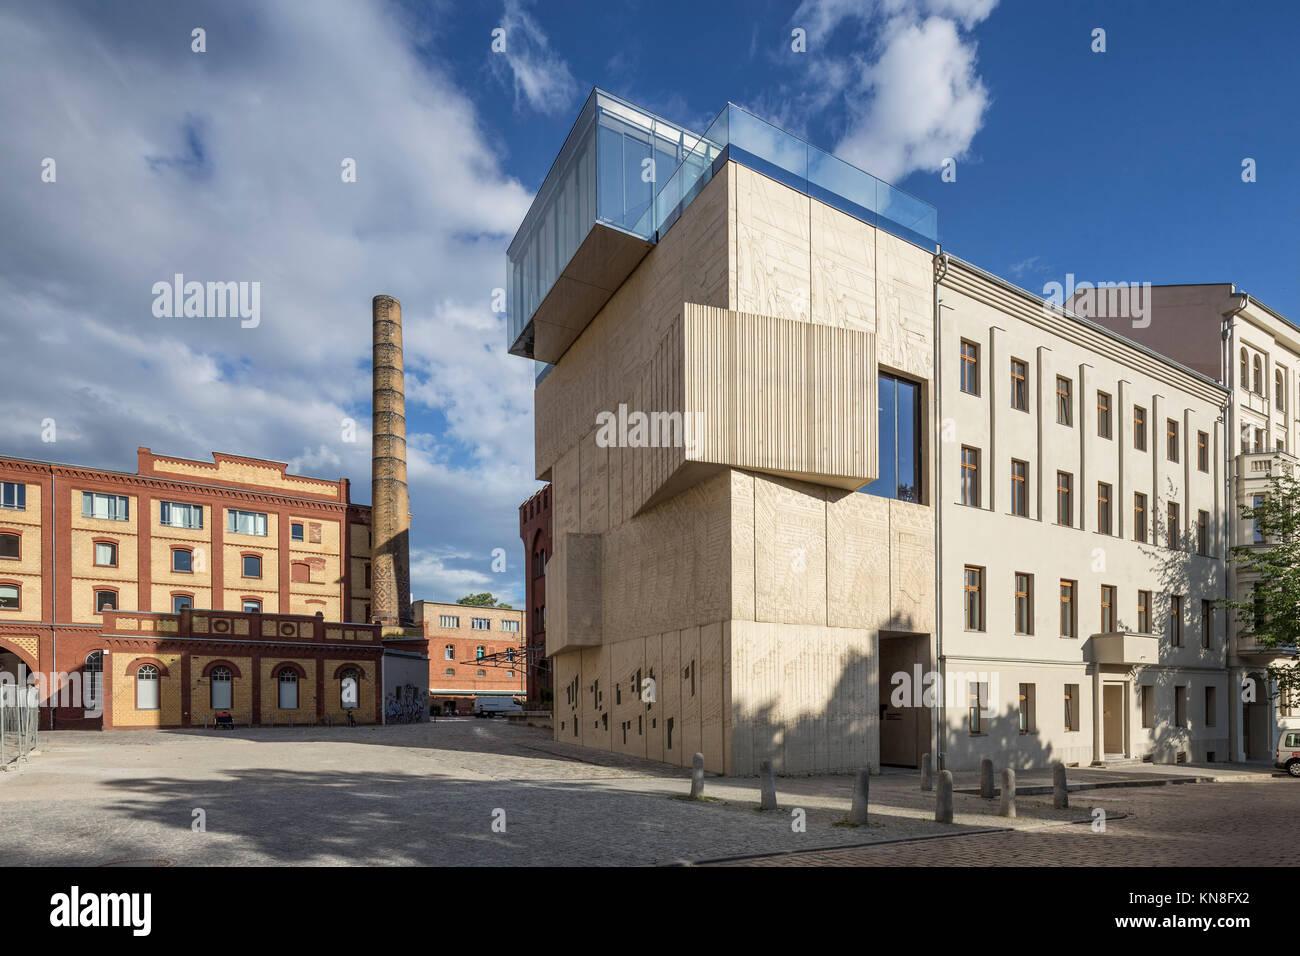 Tchoban Stiftung, Museum für architektonische Zeichnung, Prenzlauer Berg, Berlin Stockbild